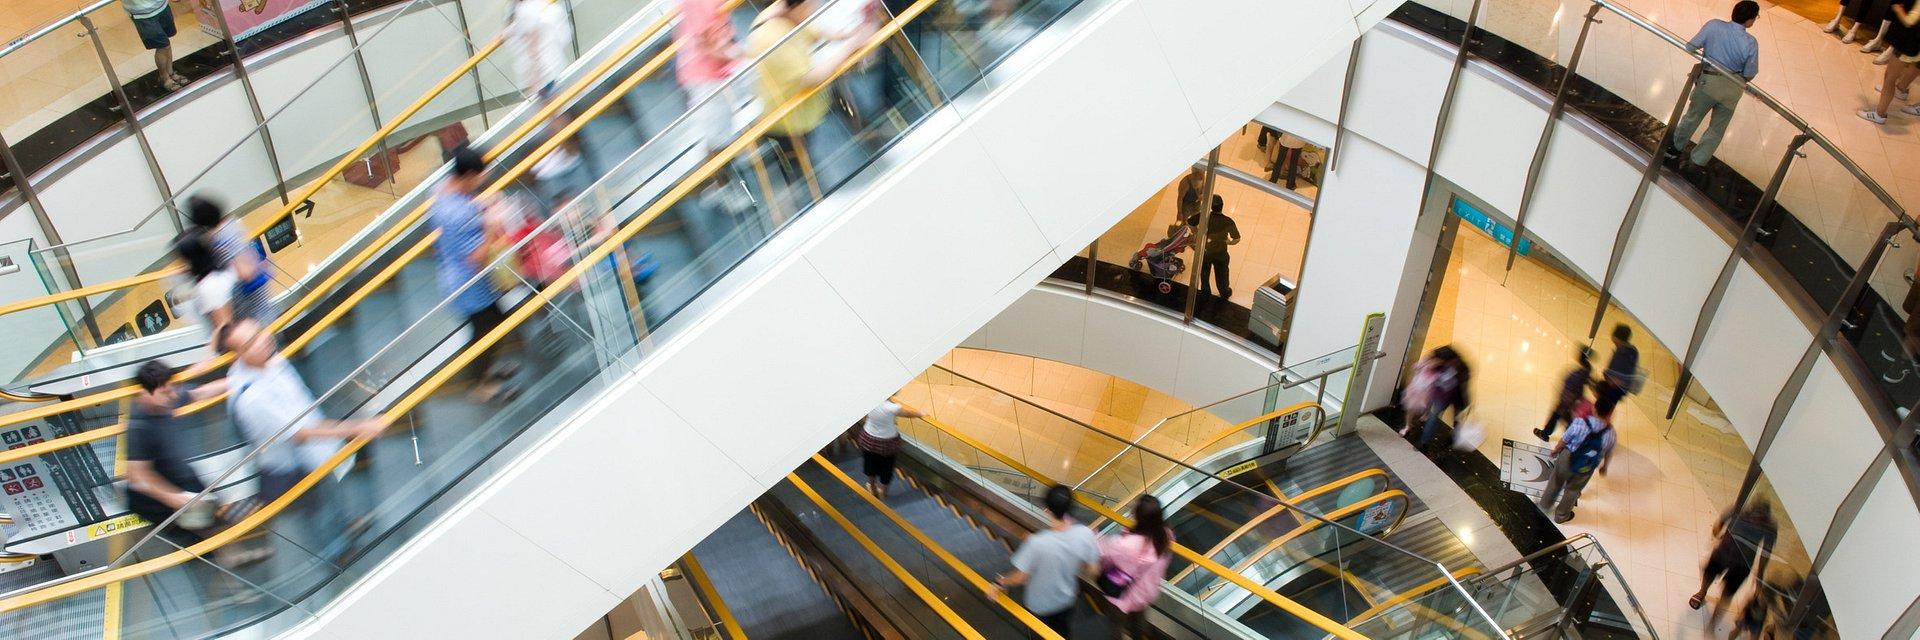 Wiele wyzwań i zmian w sektorze nowoczesnego handlu